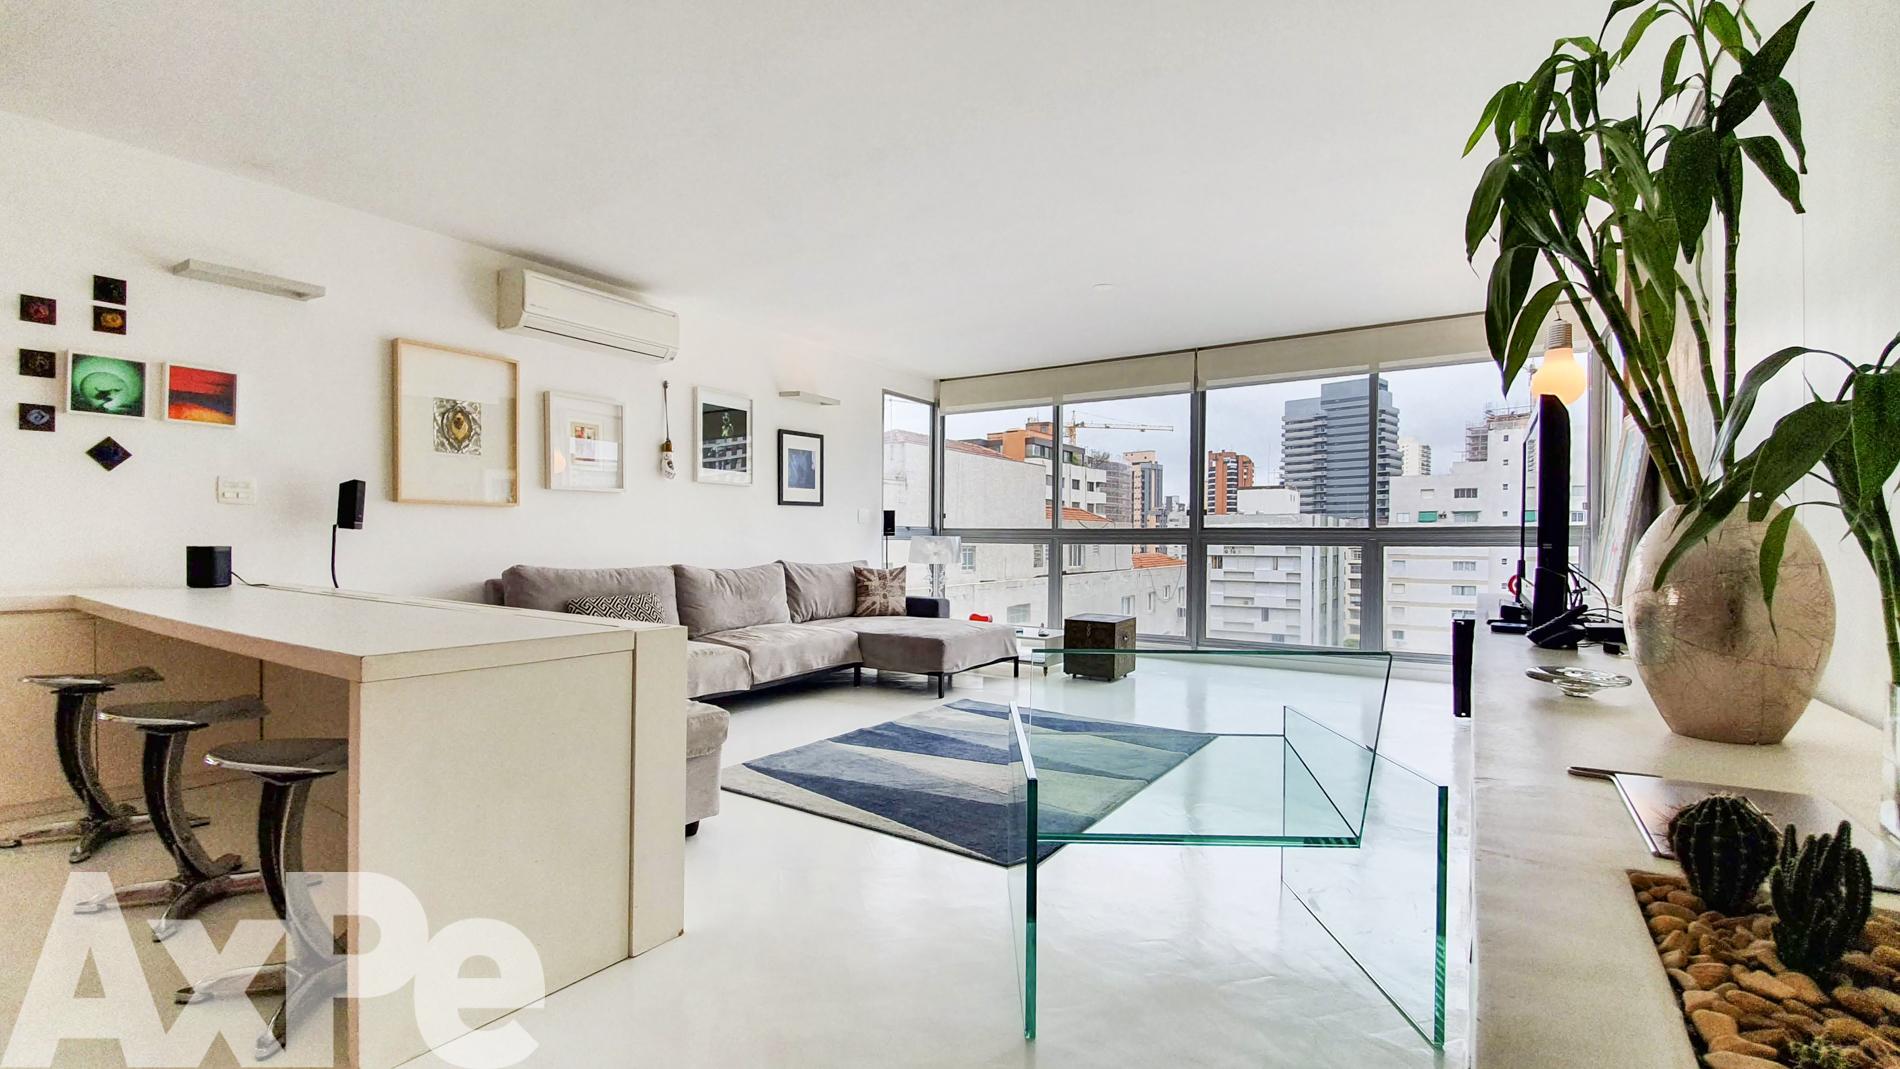 Axpe Apartamento - AX146505